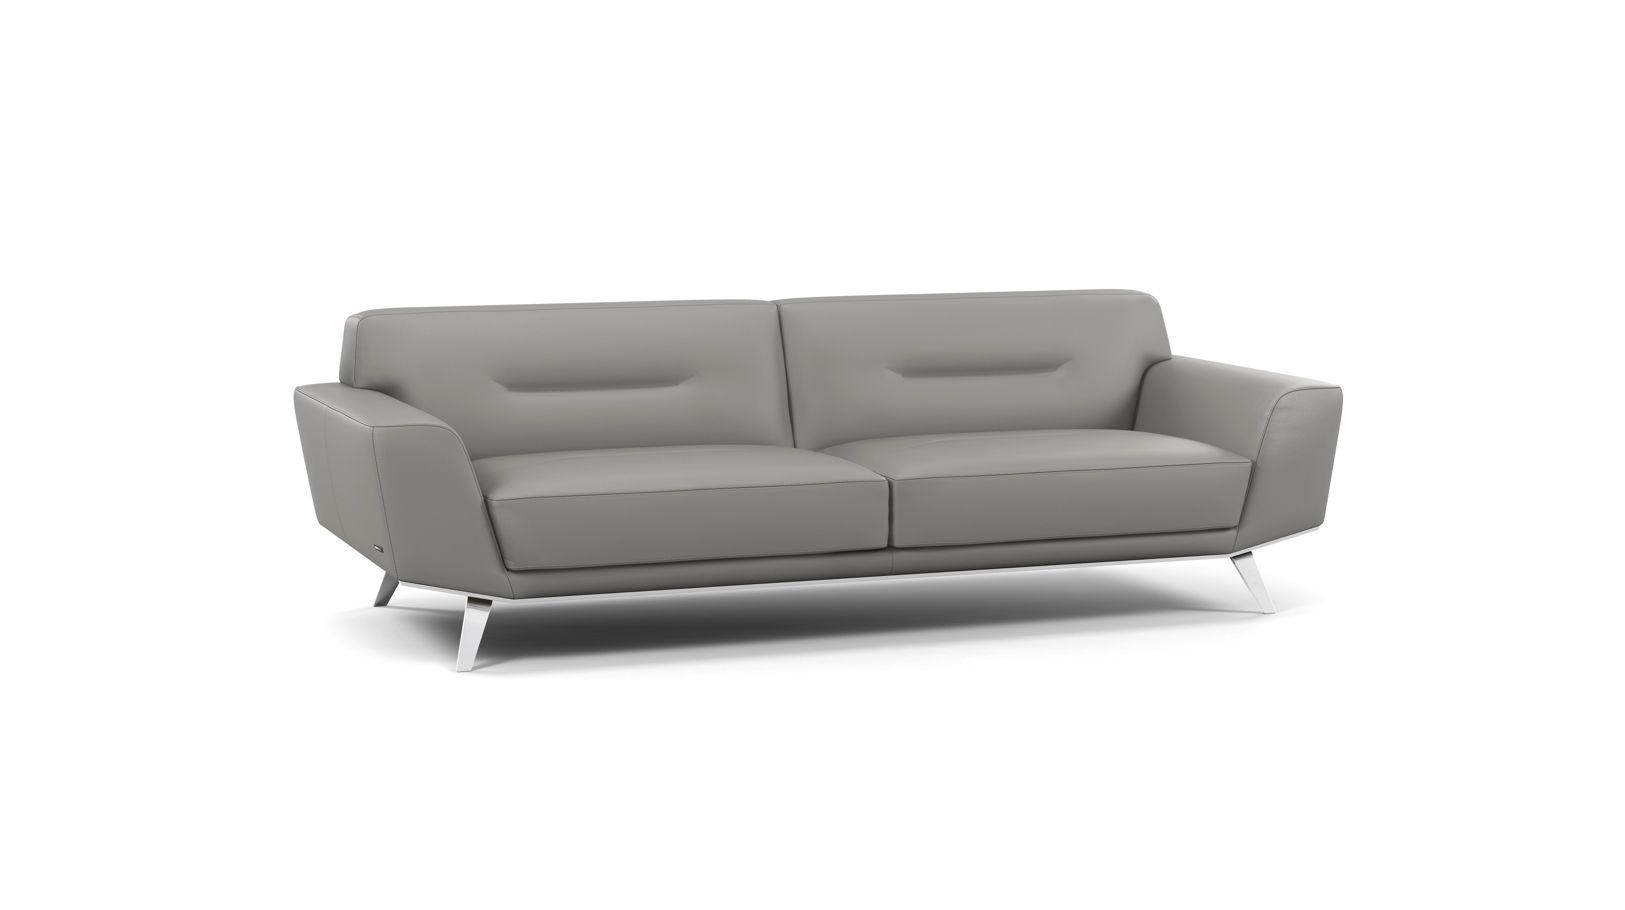 large 3 seat sofa